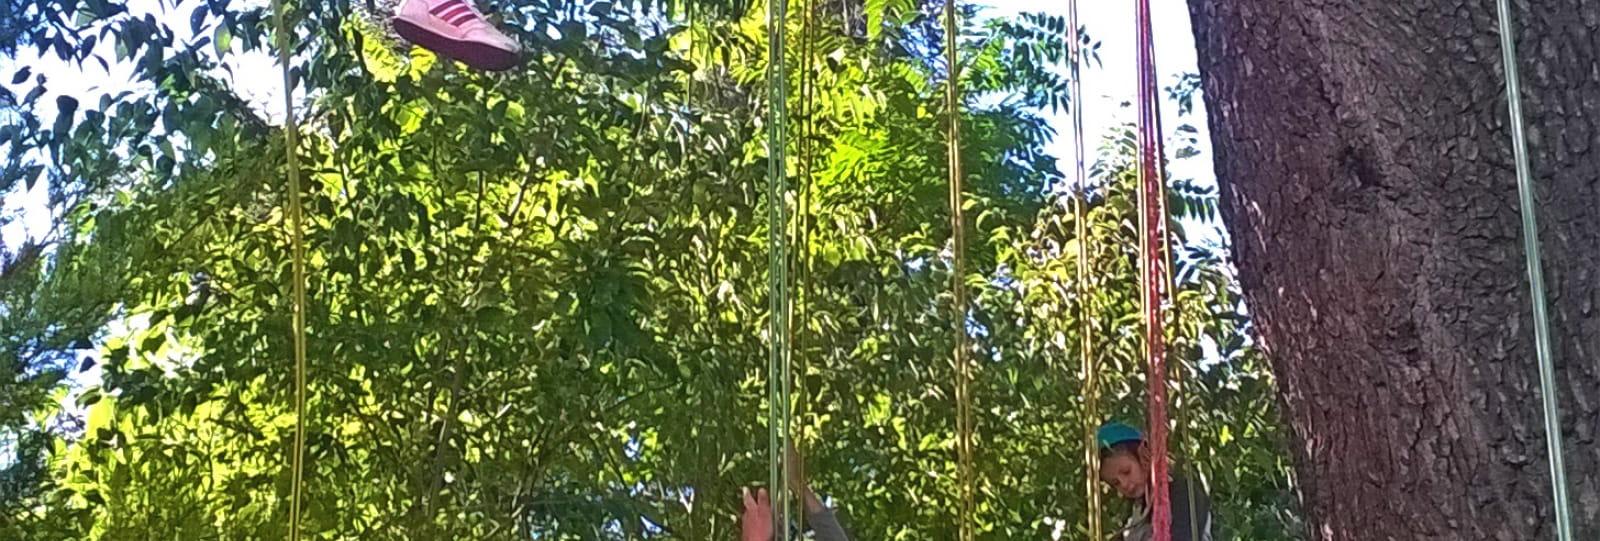 Séjour scolaire iddj drome grimpe d'arbre